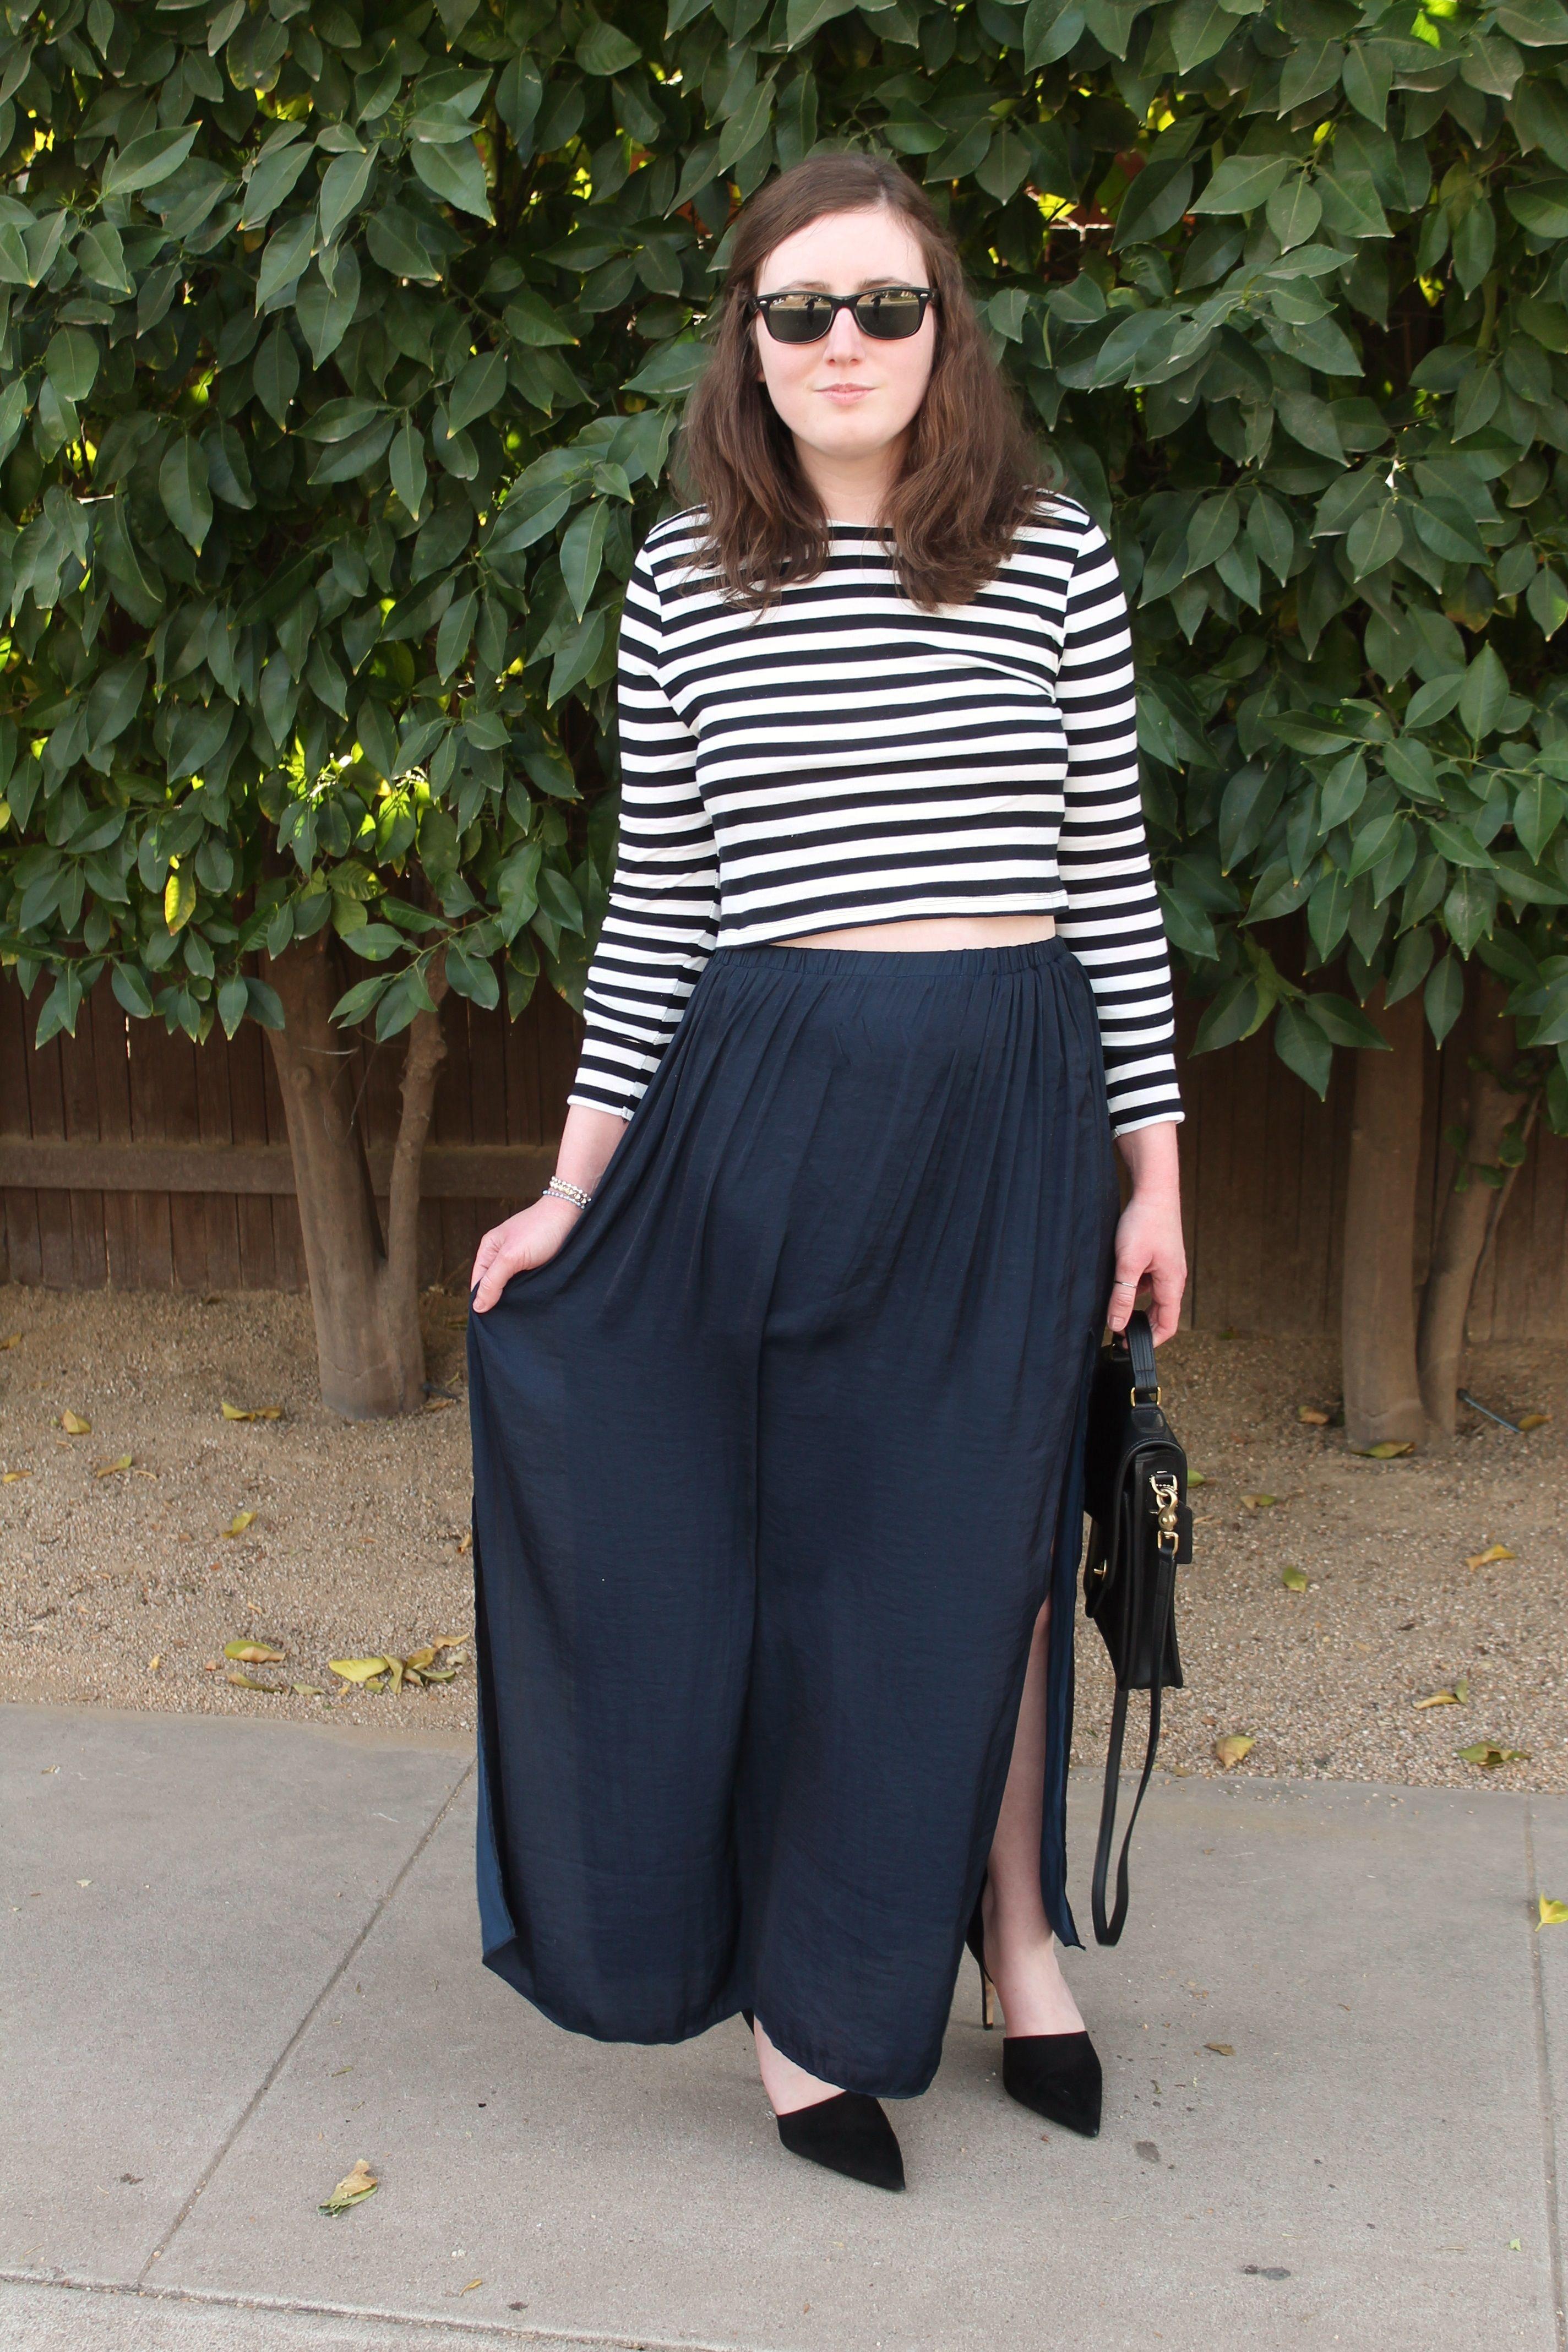 Crop top, maxi skirt